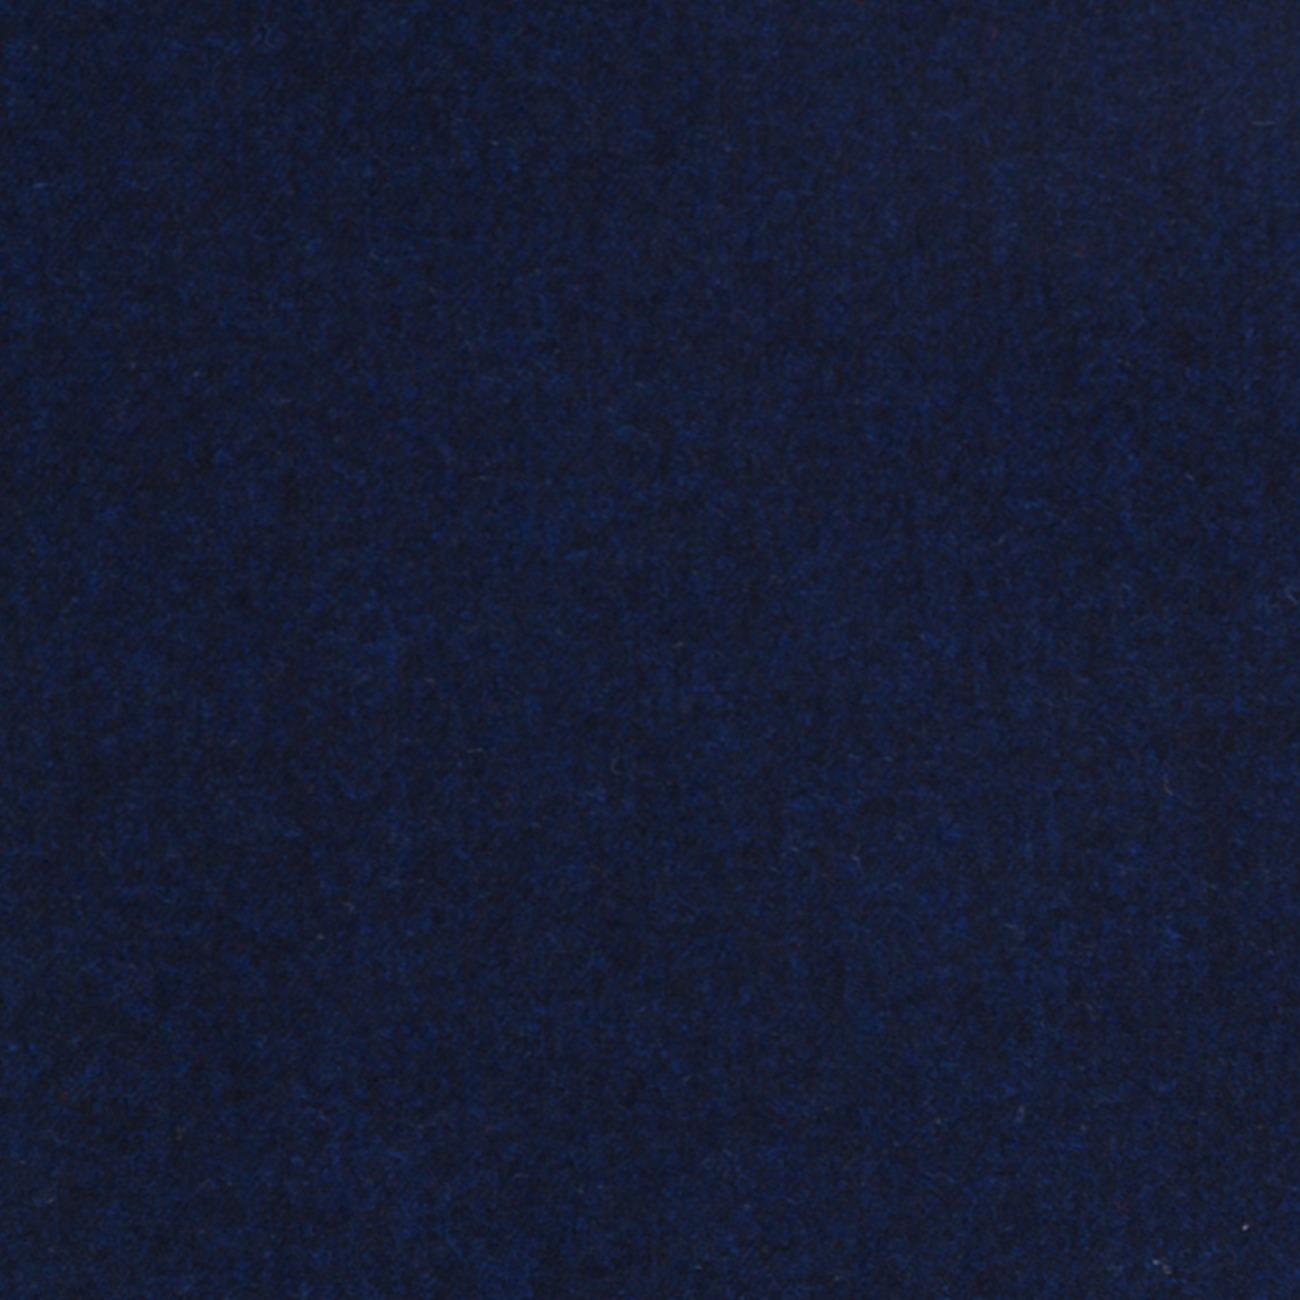 毛纺 素色 羊毛 染色 薄 精仿 西装 职业装 春秋 女装 男装 71122-20